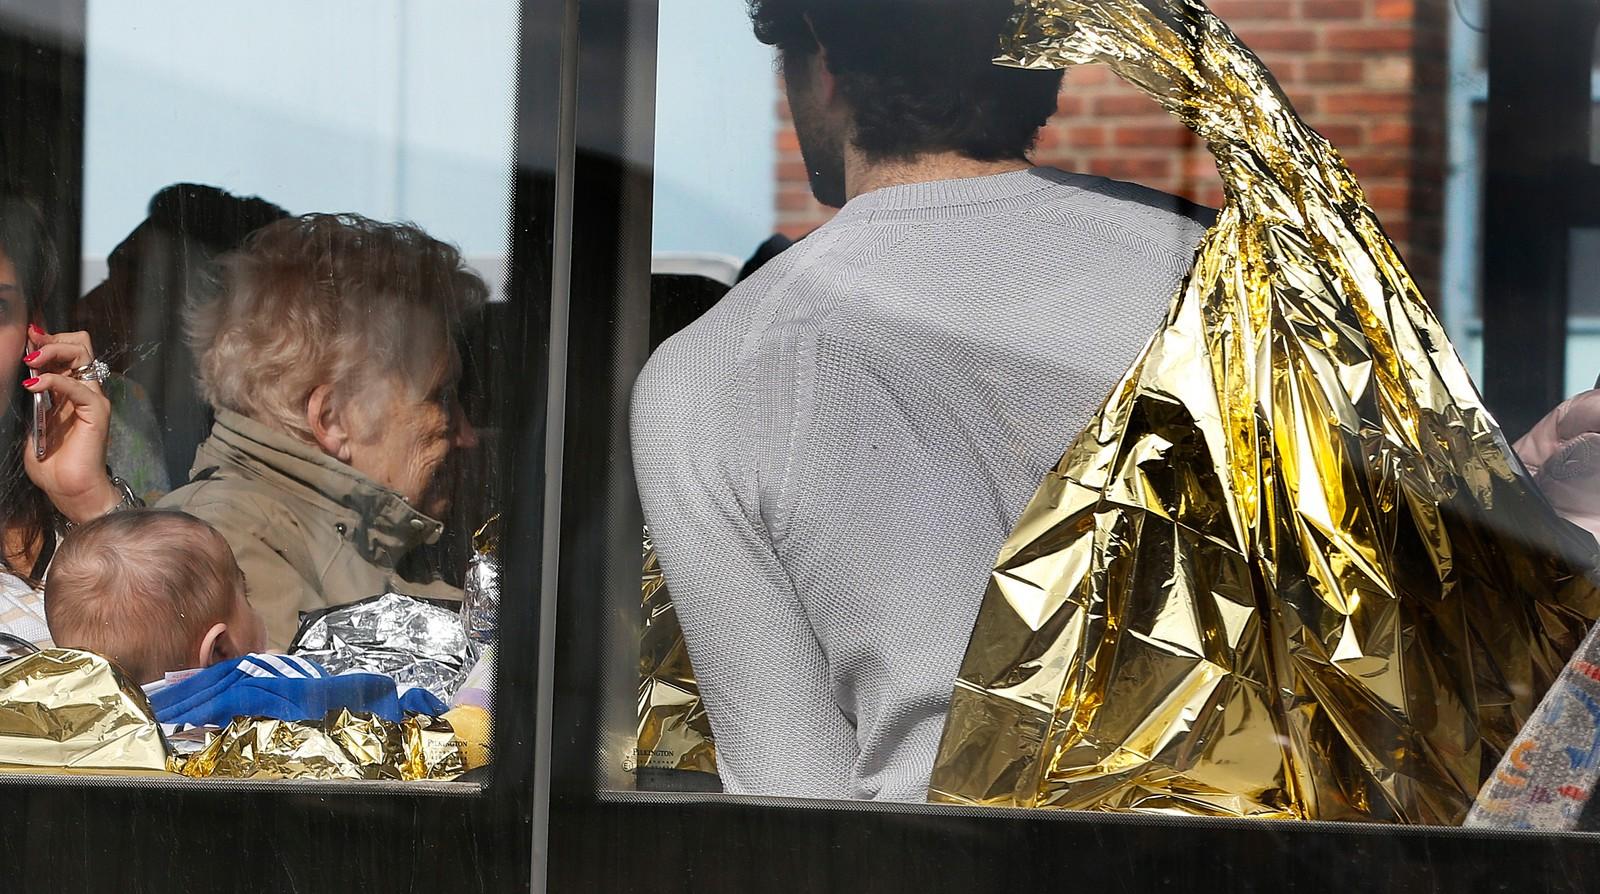 En mann og en baby sees gjennom vinduet etter terroraksjonen på flyplassen i Brussel.